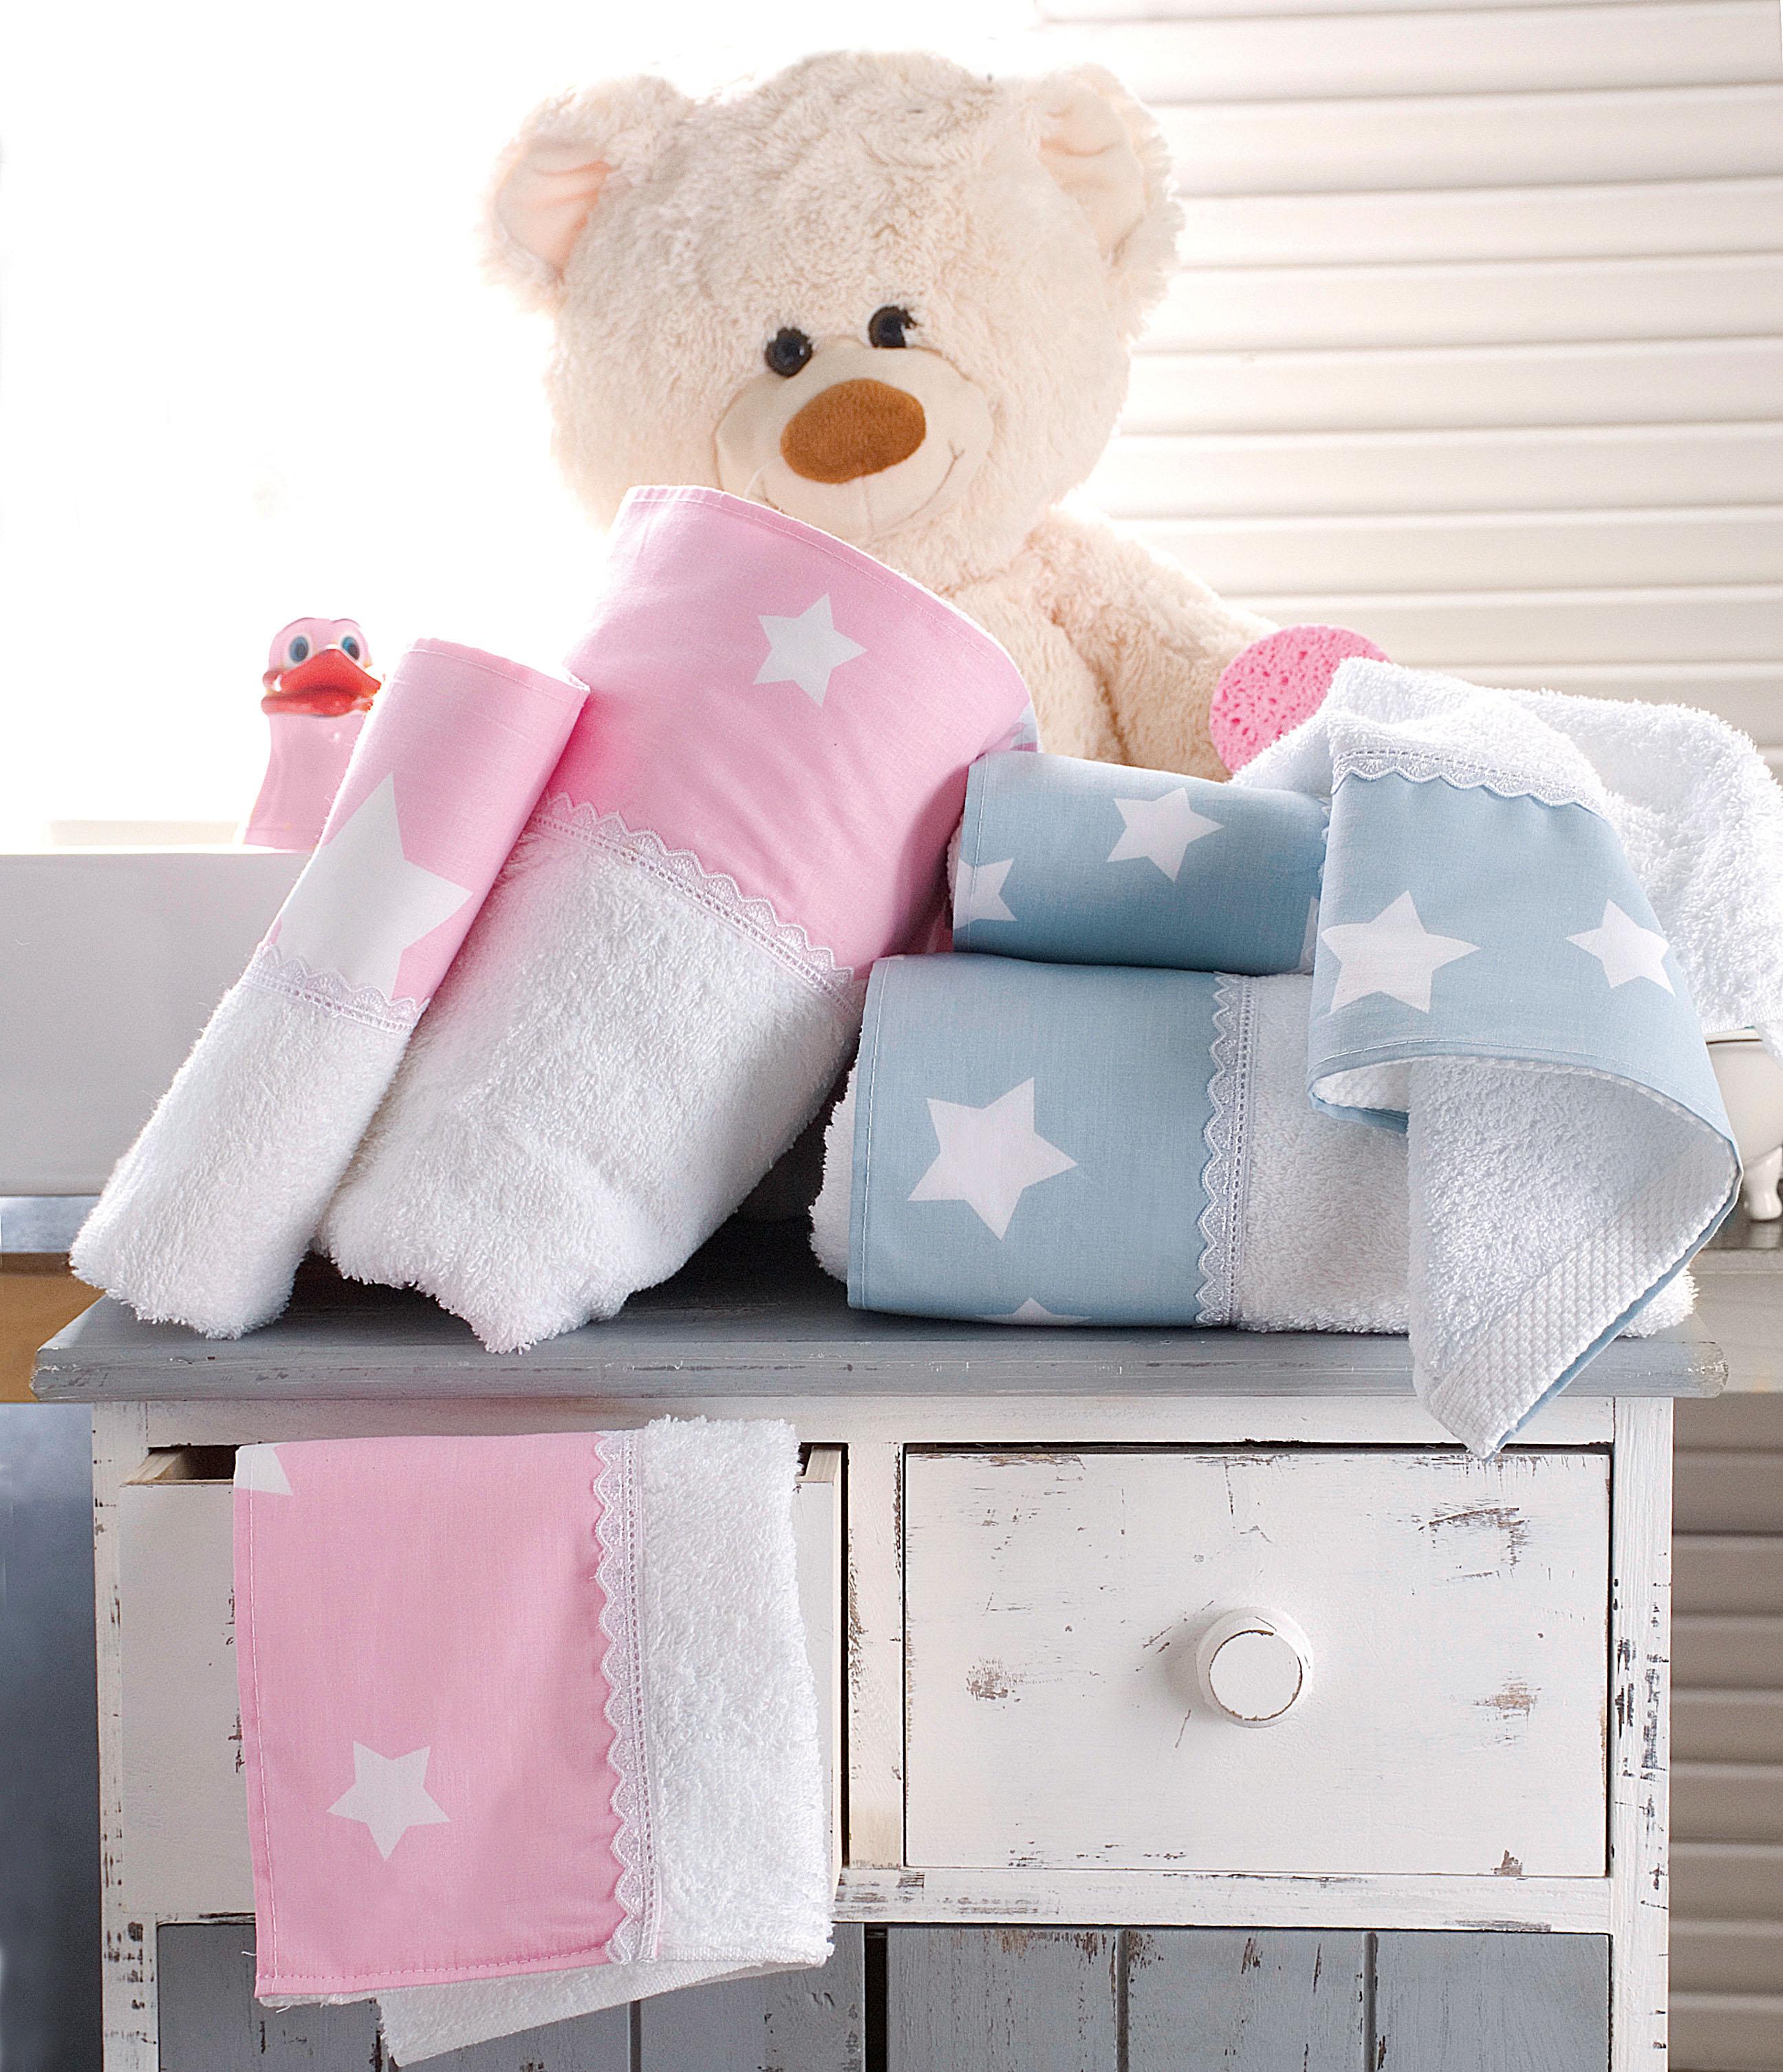 Σετ παιδικές πετσέτες 2 τεμ. STARDUST BLUE, RYTHMOS HOME παιδικα   πετσέτες παιδικές